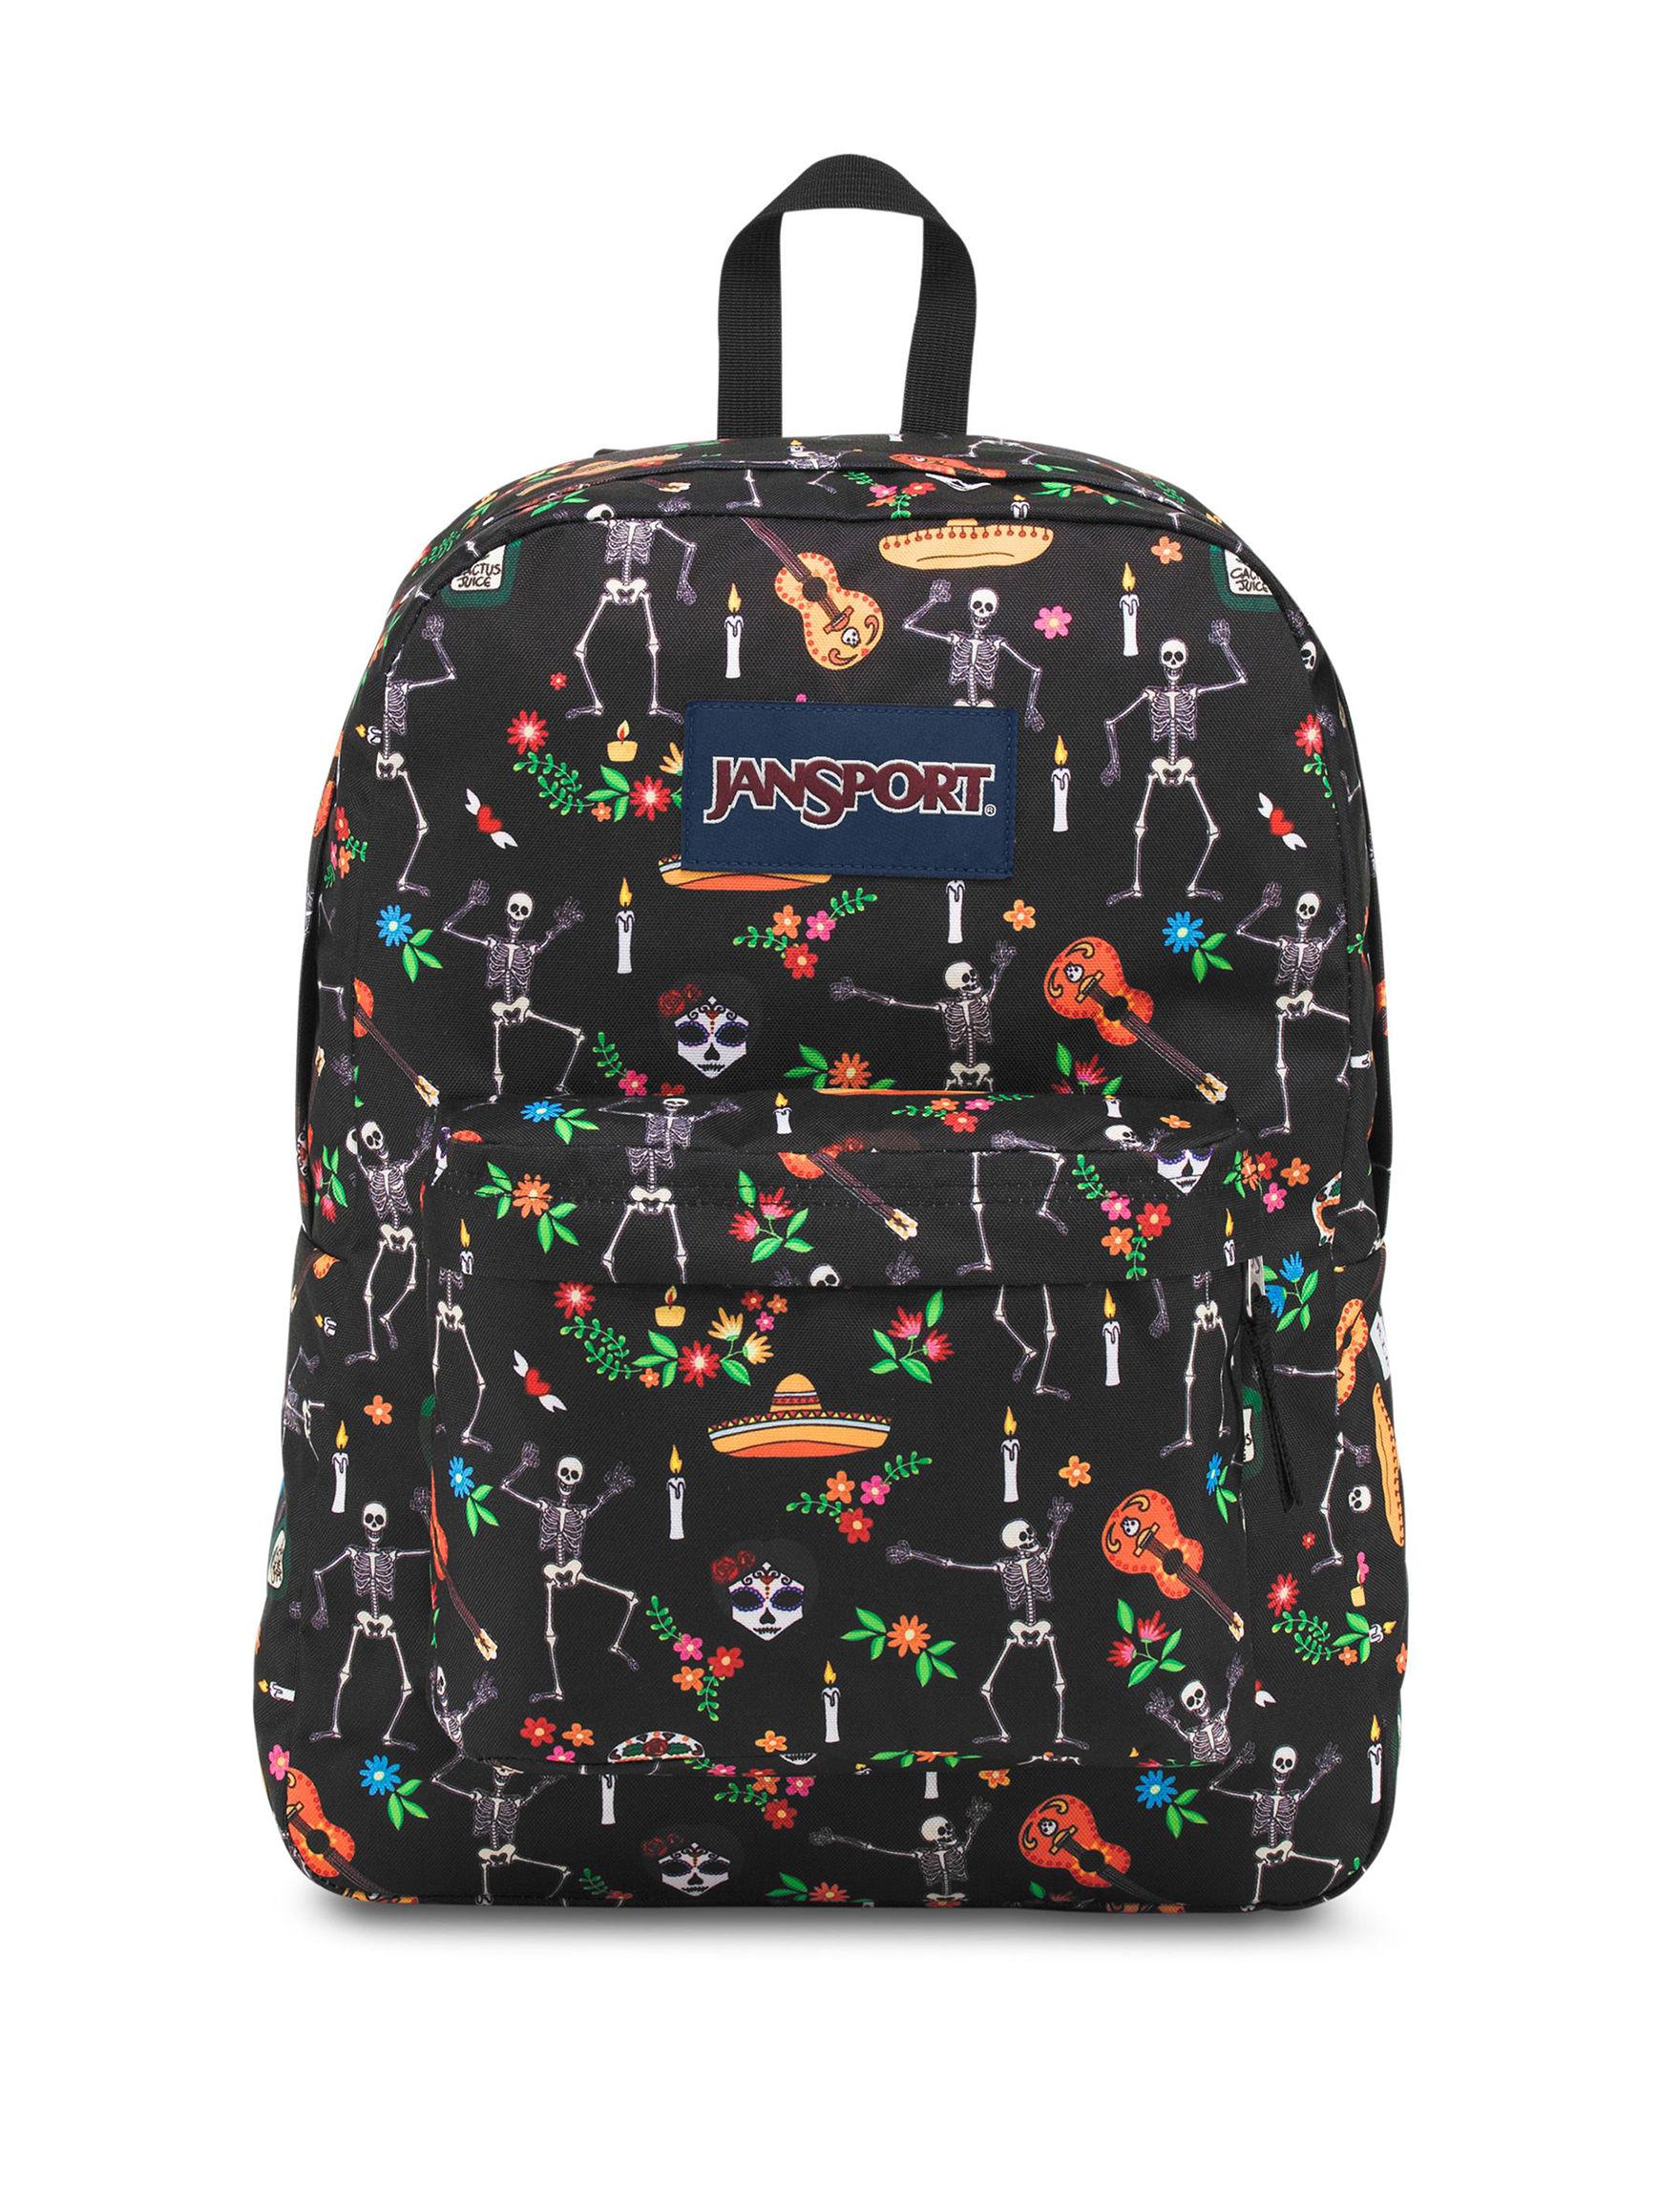 Jansport Black Multi Bookbags & Backpacks